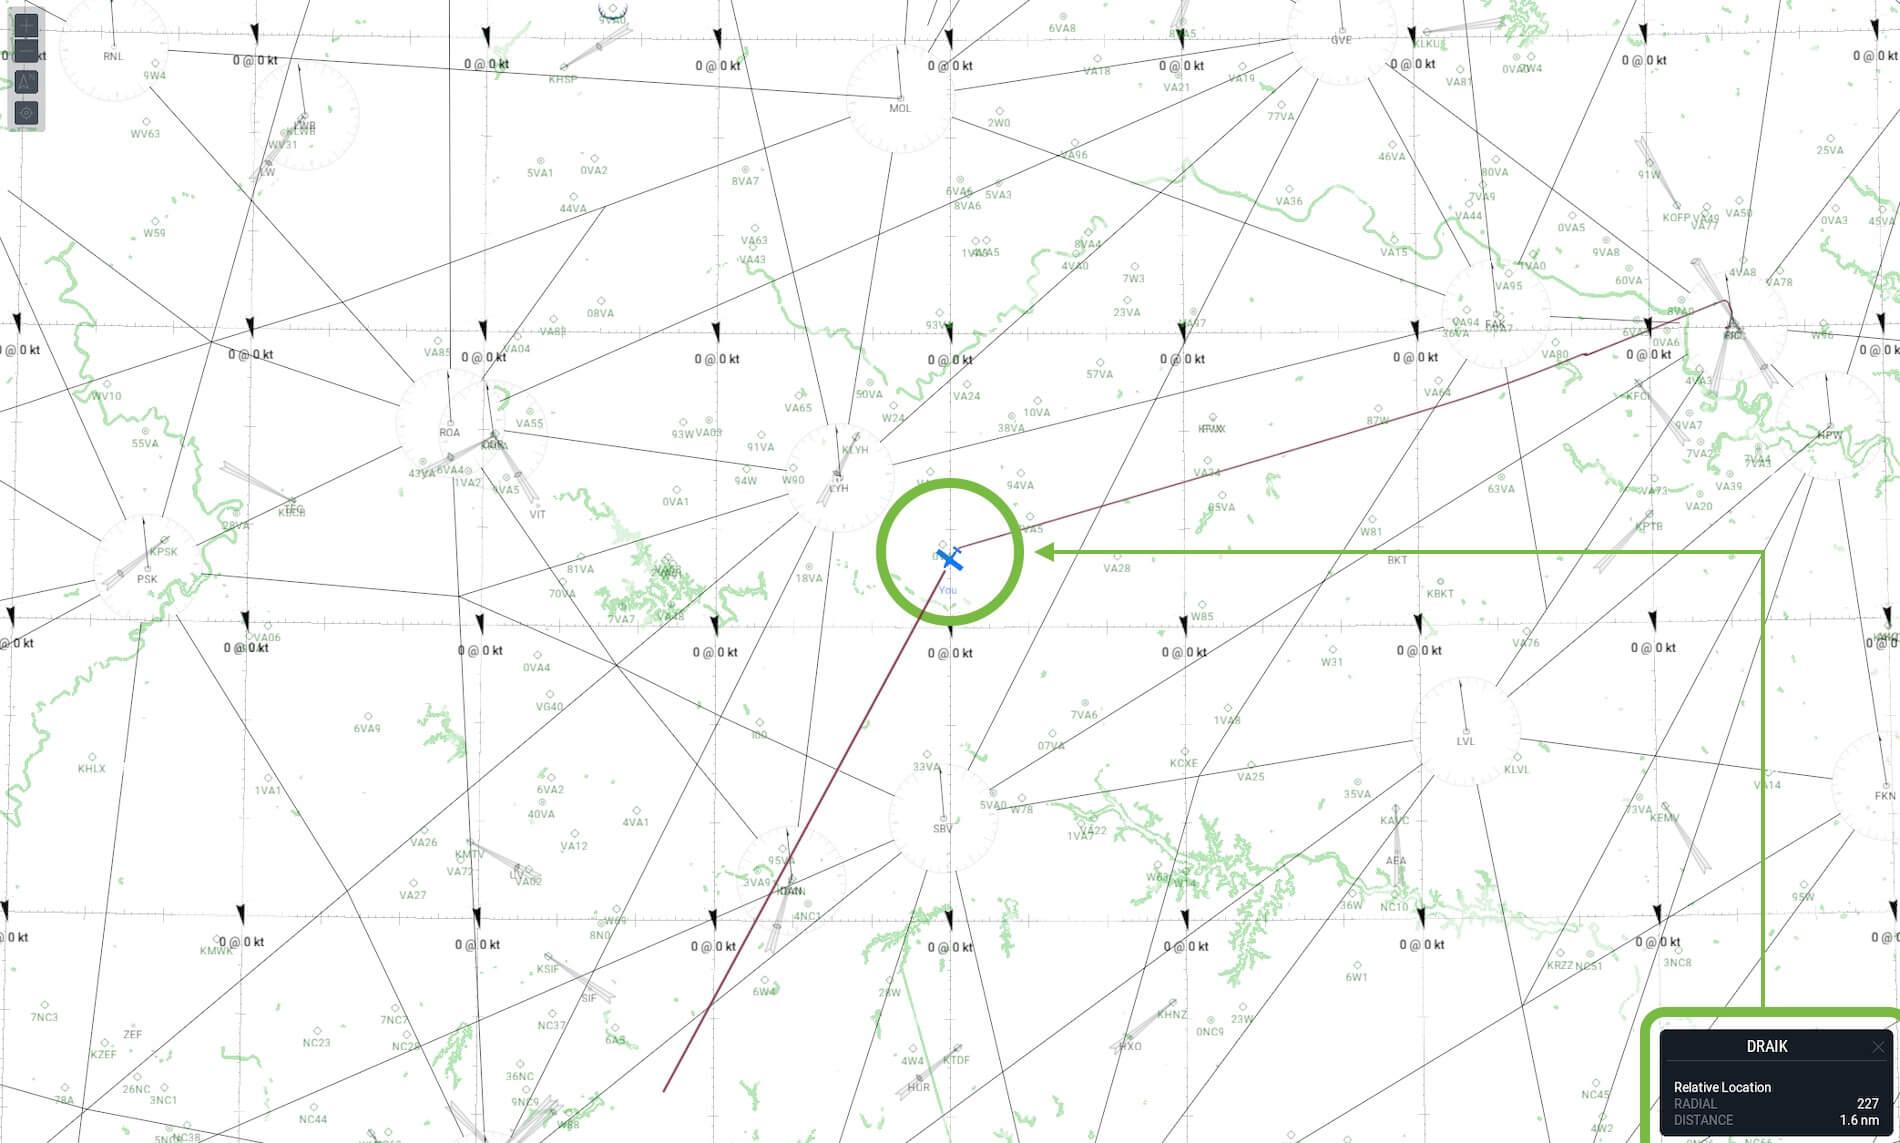 Cherokee 140 Wiring Diagram - All Diagram Schematics on